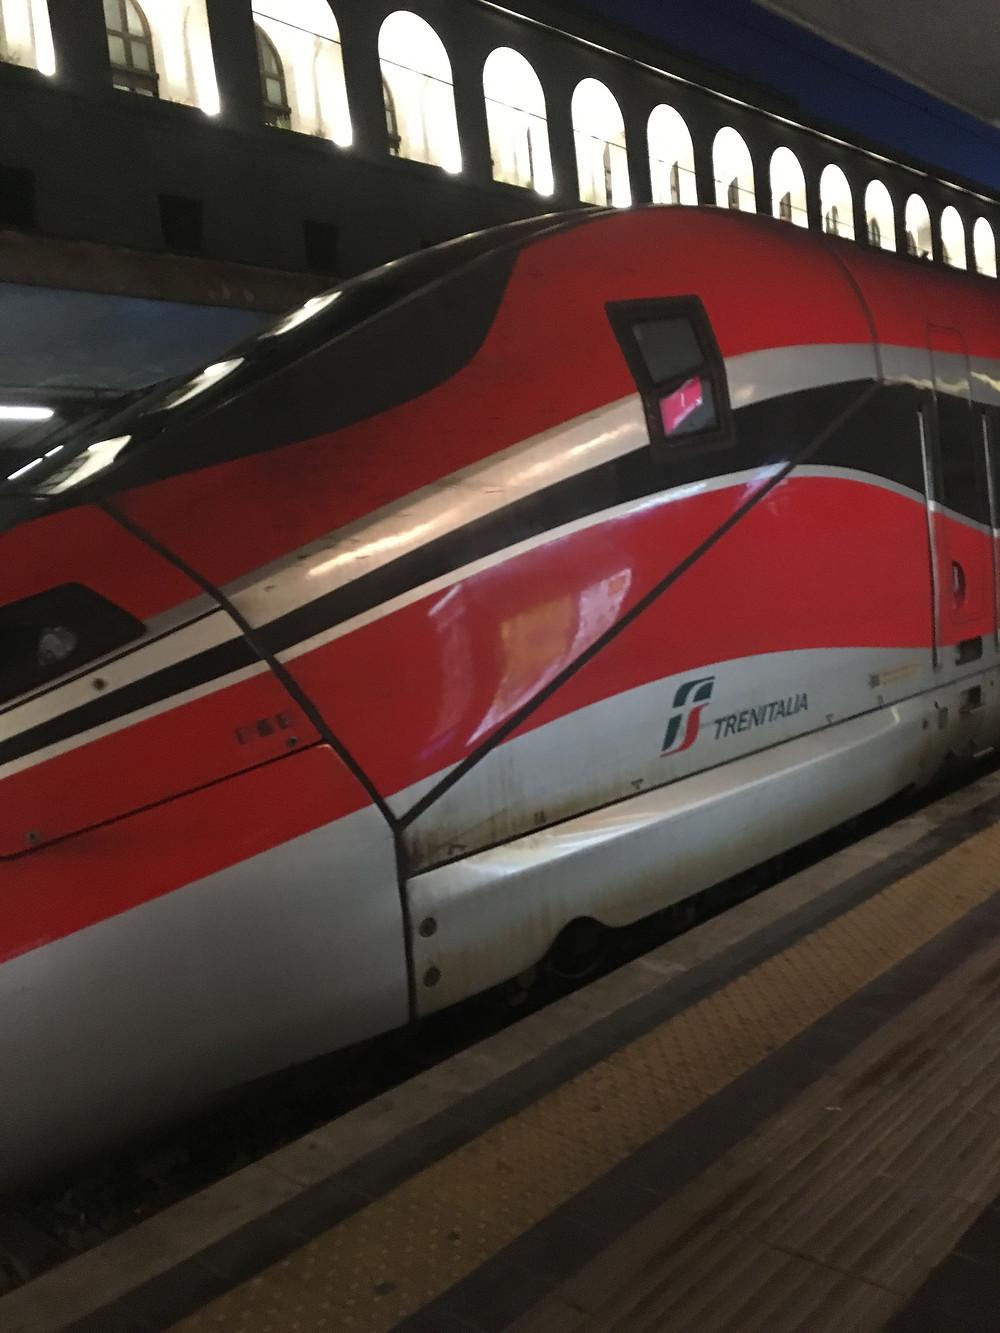 Italia Rail: the Italian train